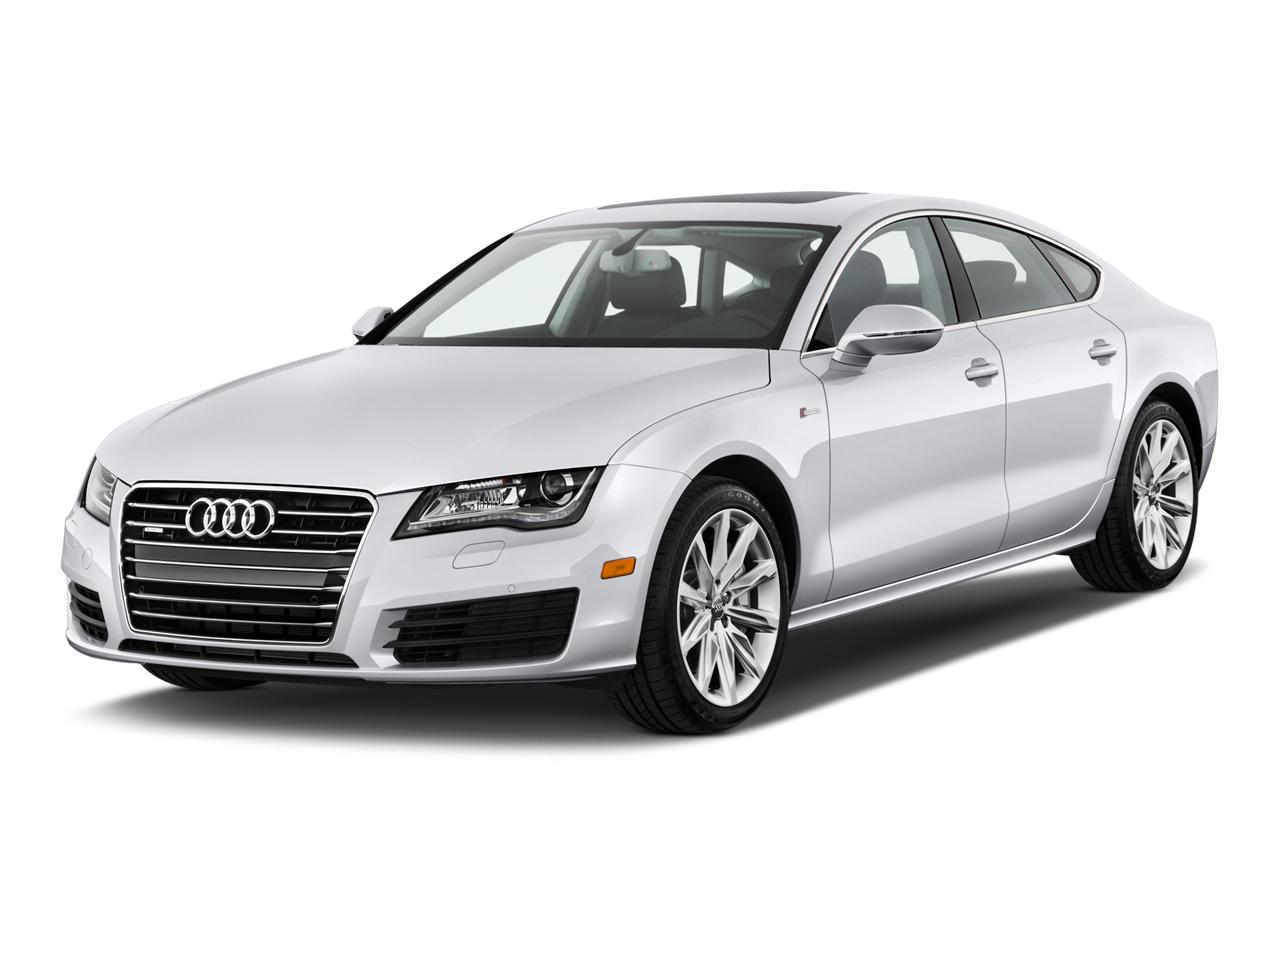 Kelebihan Kekurangan Audi A7 2012 Perbandingan Harga